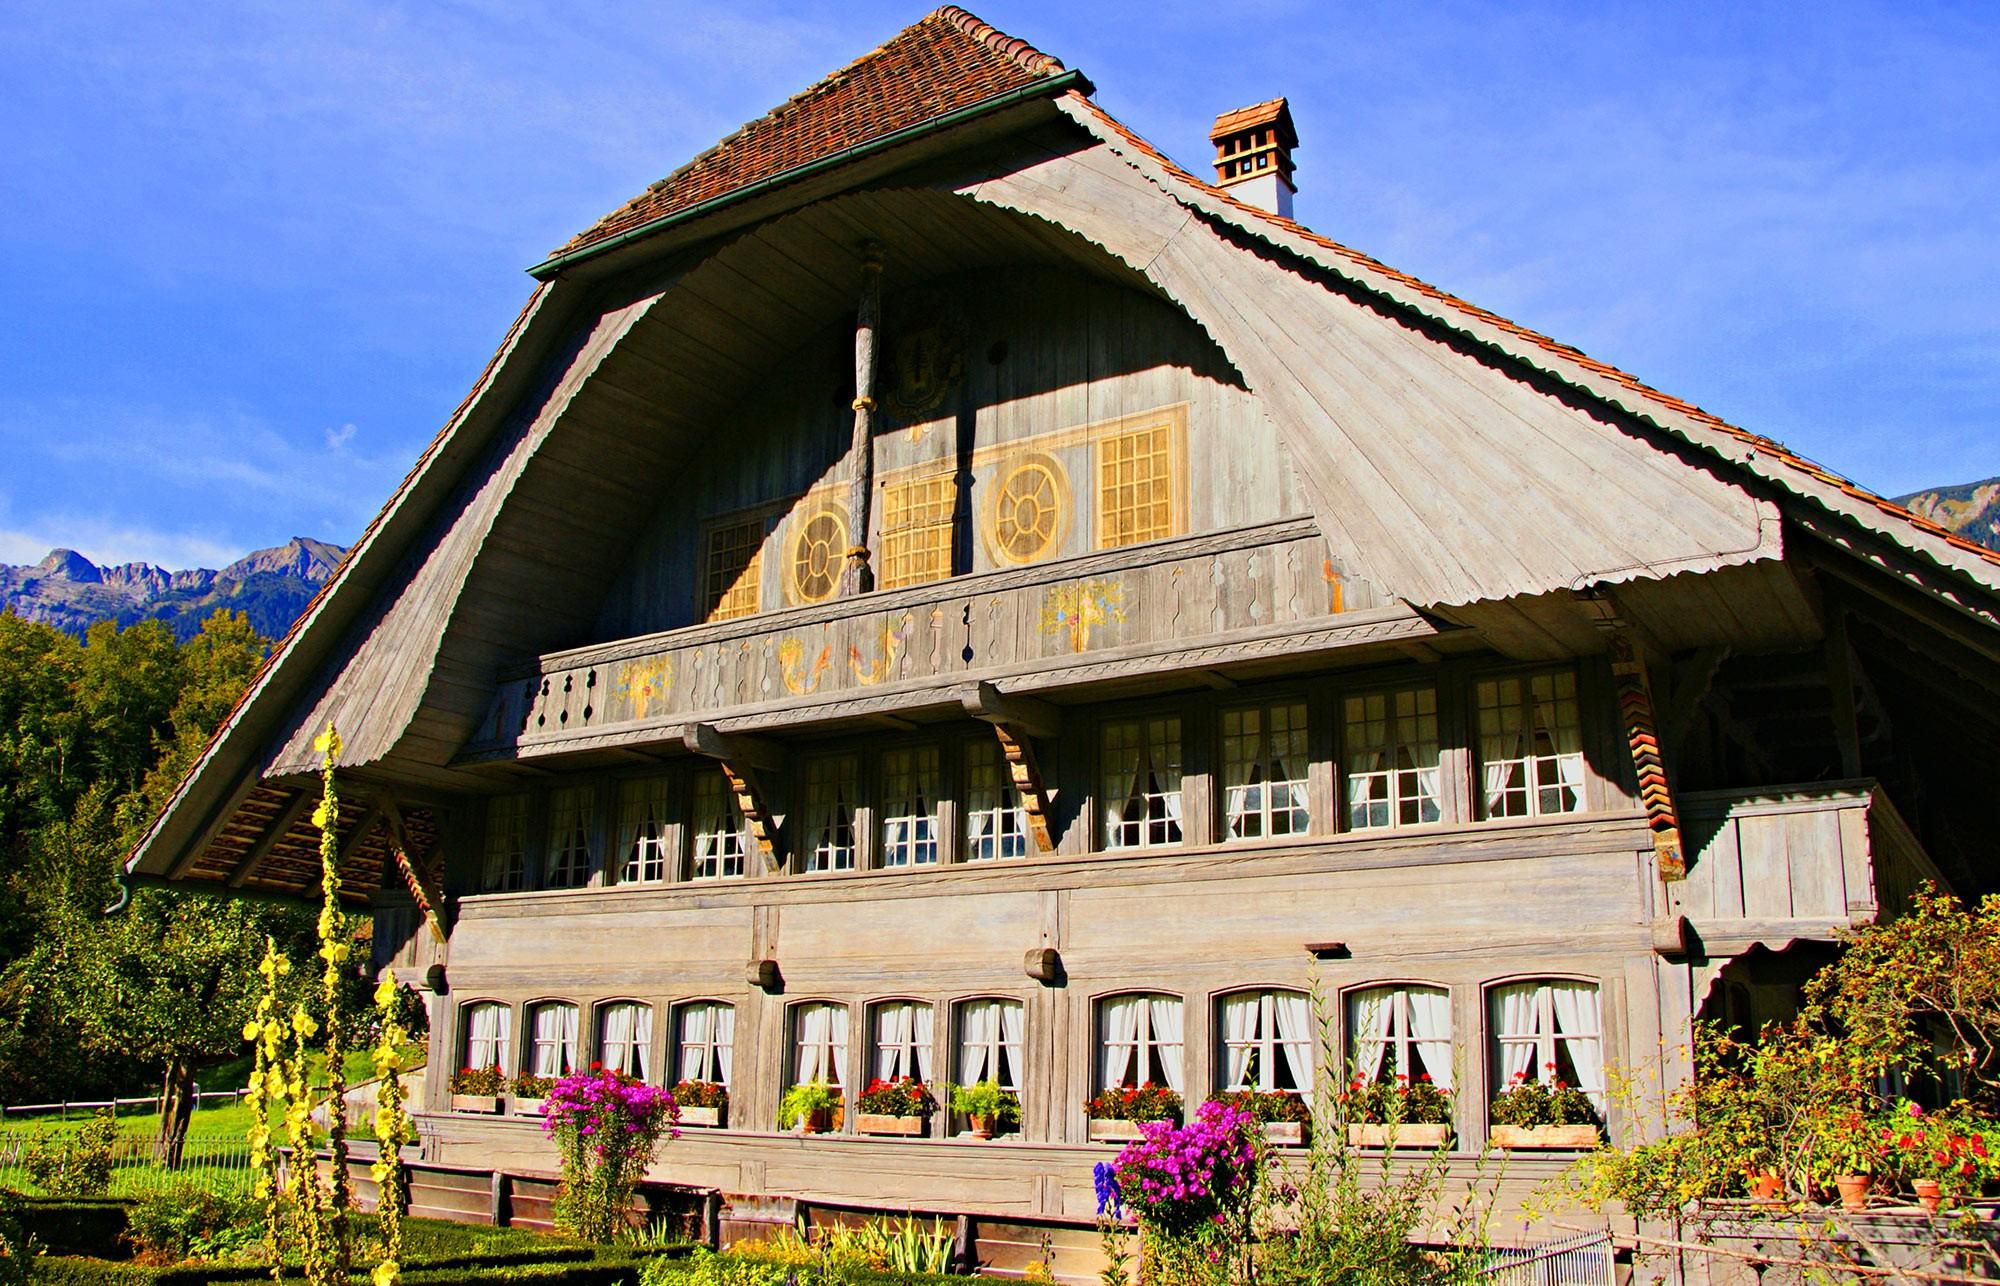 Bauernhaus in Ostermundigen (Symbolbild)